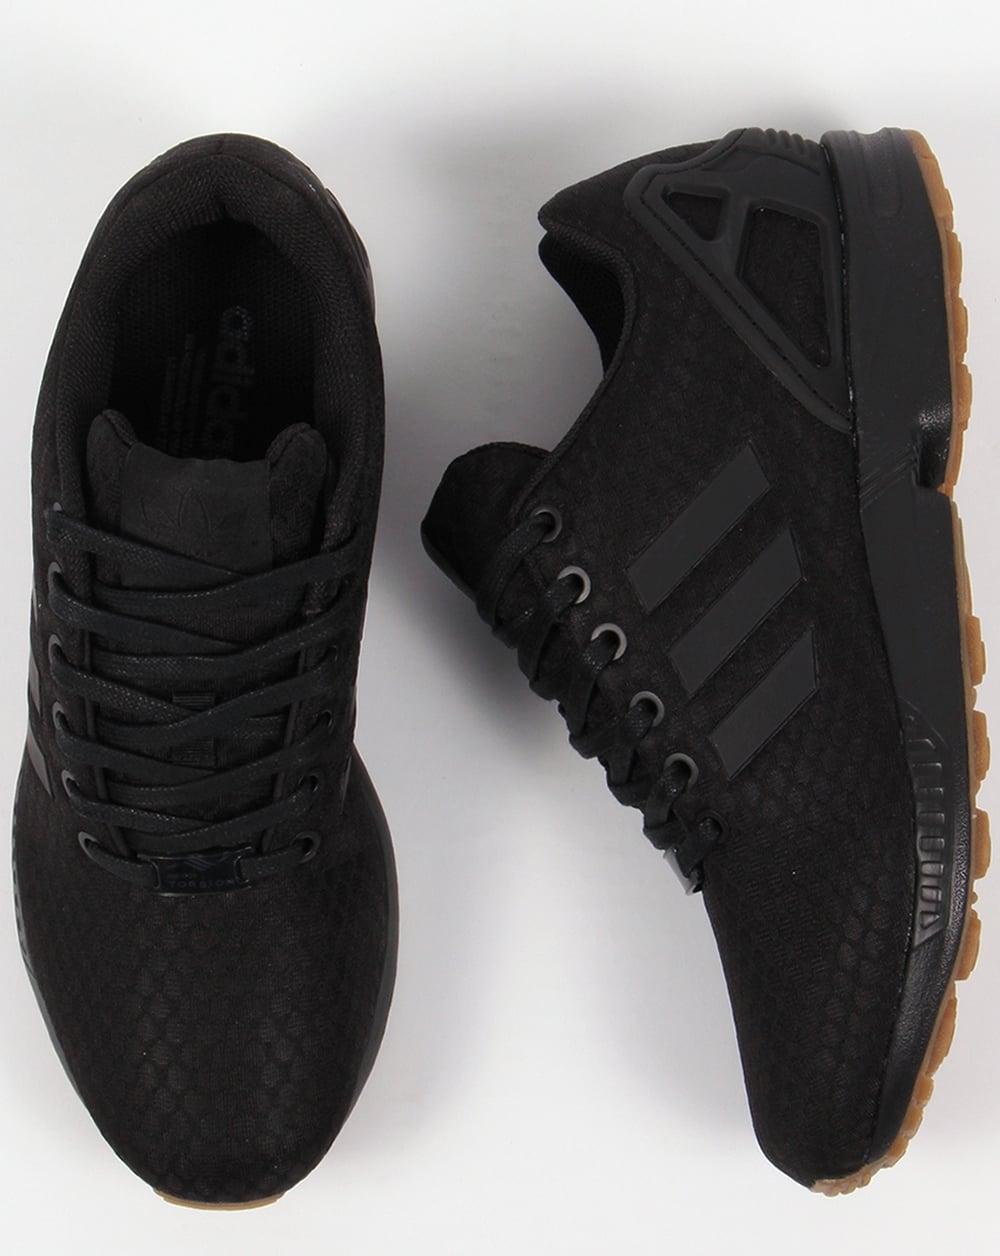 Adidas Zx Flusso Nero Gomma Bianca DCpwxy6pH